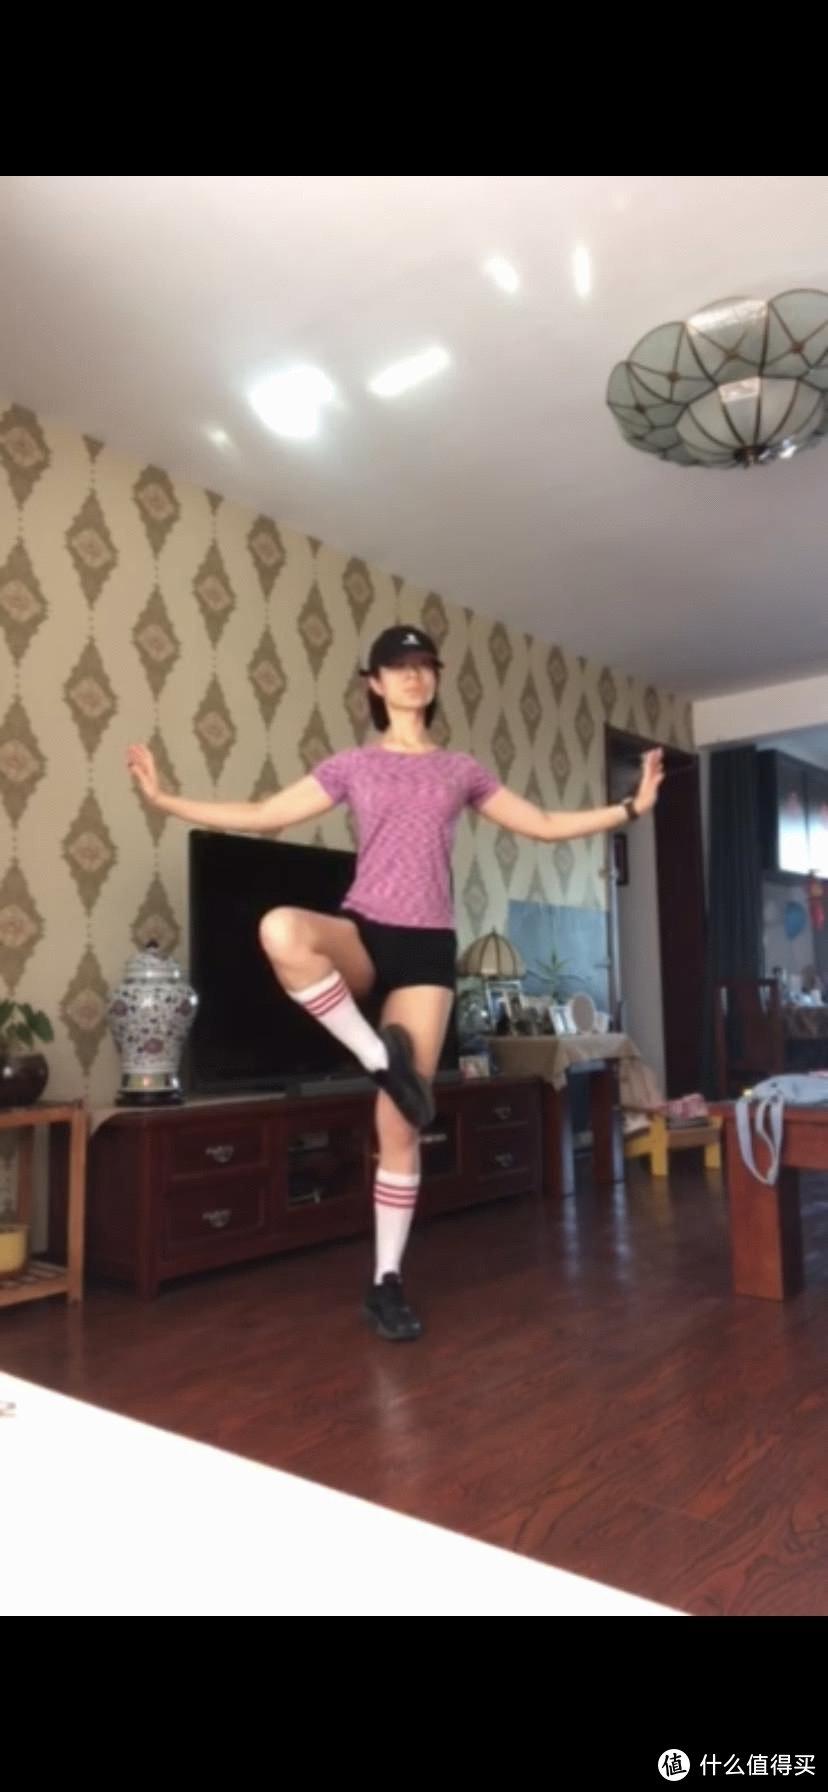 普通自信的Lucy的运动穿搭推荐:骑行跑步舞蹈力量